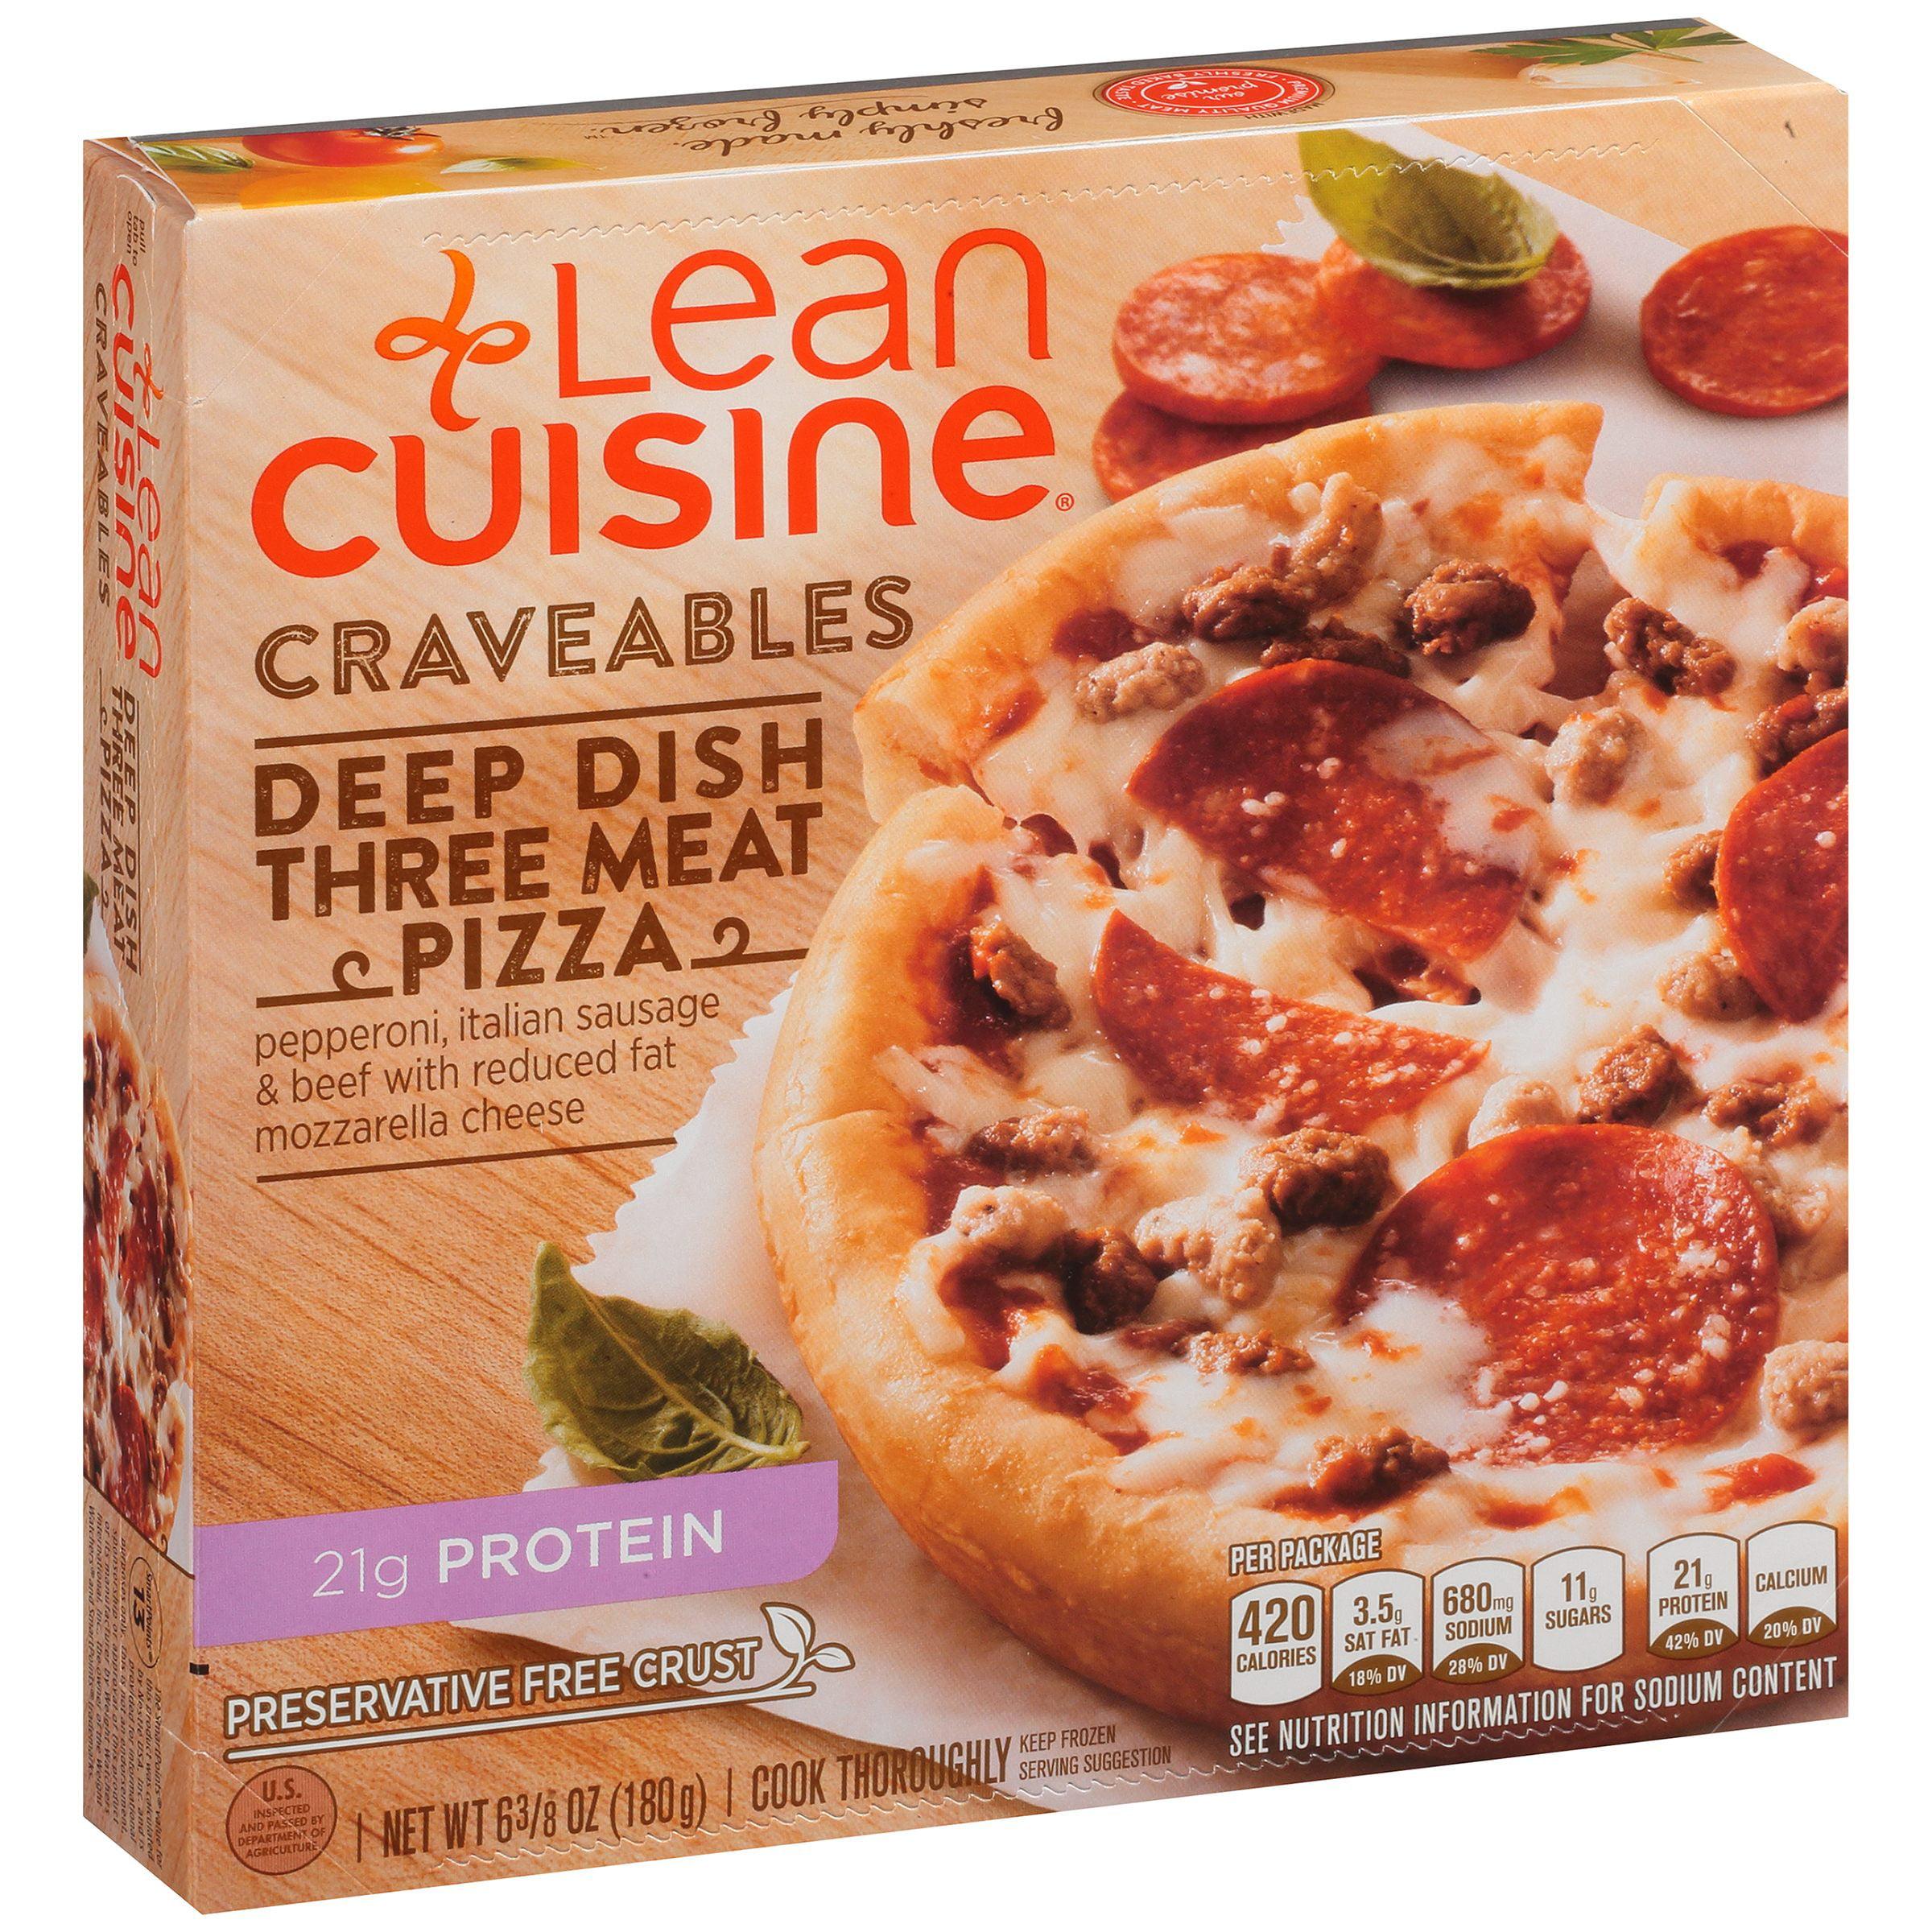 LEAN CUISINE Craveables Deep Dish Three Meat Pizza 6.375 oz Box